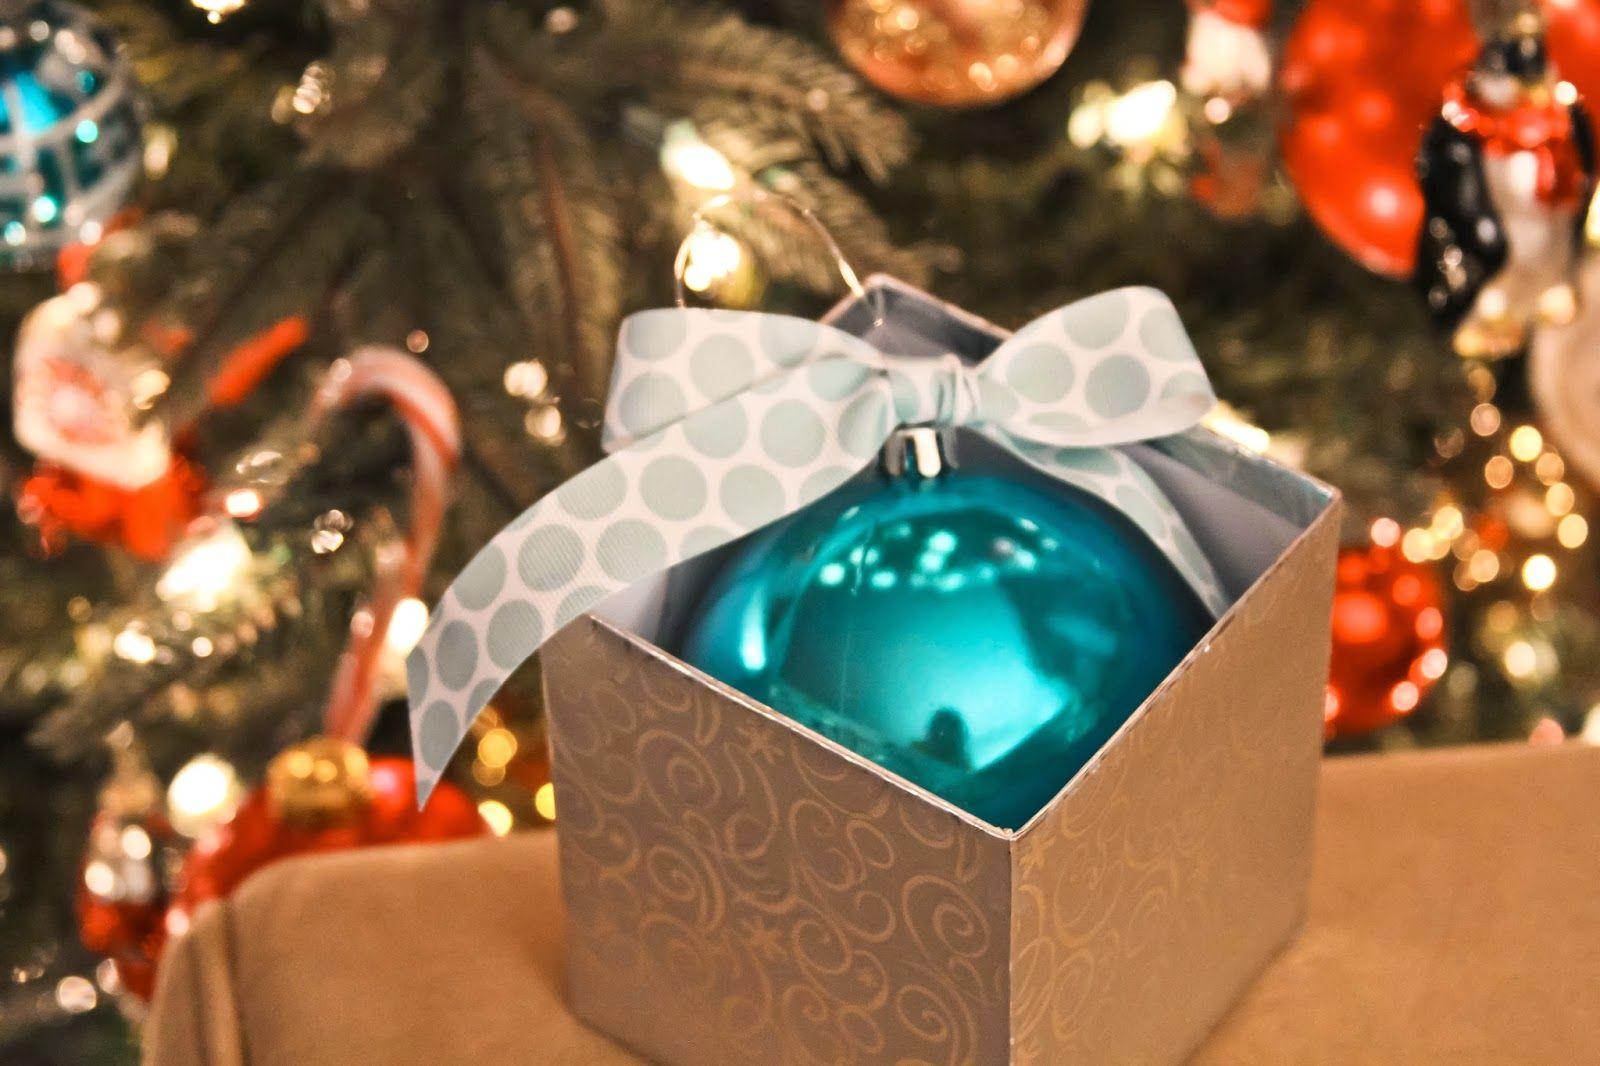 Blackberries Jesus Gender Reveal Christmas Gender Reveal Reveal Ideas Gender Reveal Announcement